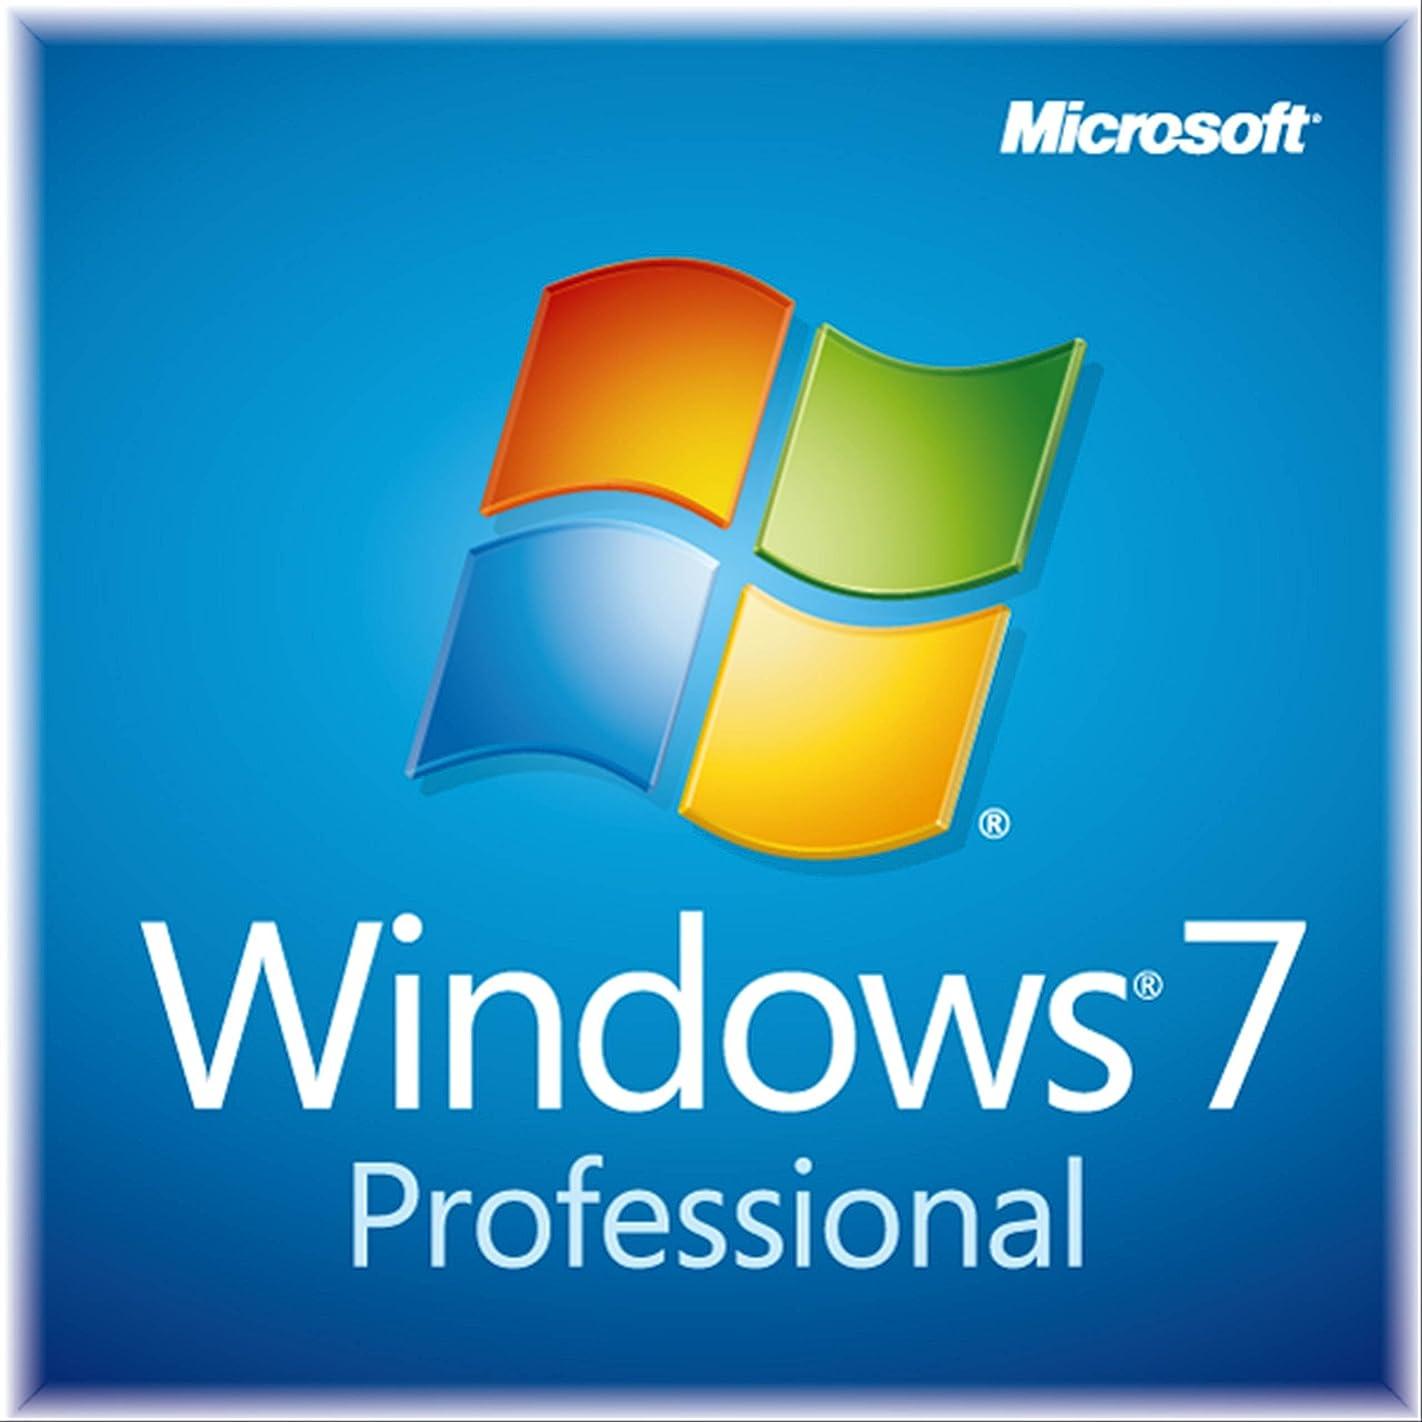 トロイの木馬通常ブルゴーニュ【旧商品】Microsoft Windows7 Professional 64bit  Service Pack 1 日本語 DSP版 DVD 【LANボードセット品】